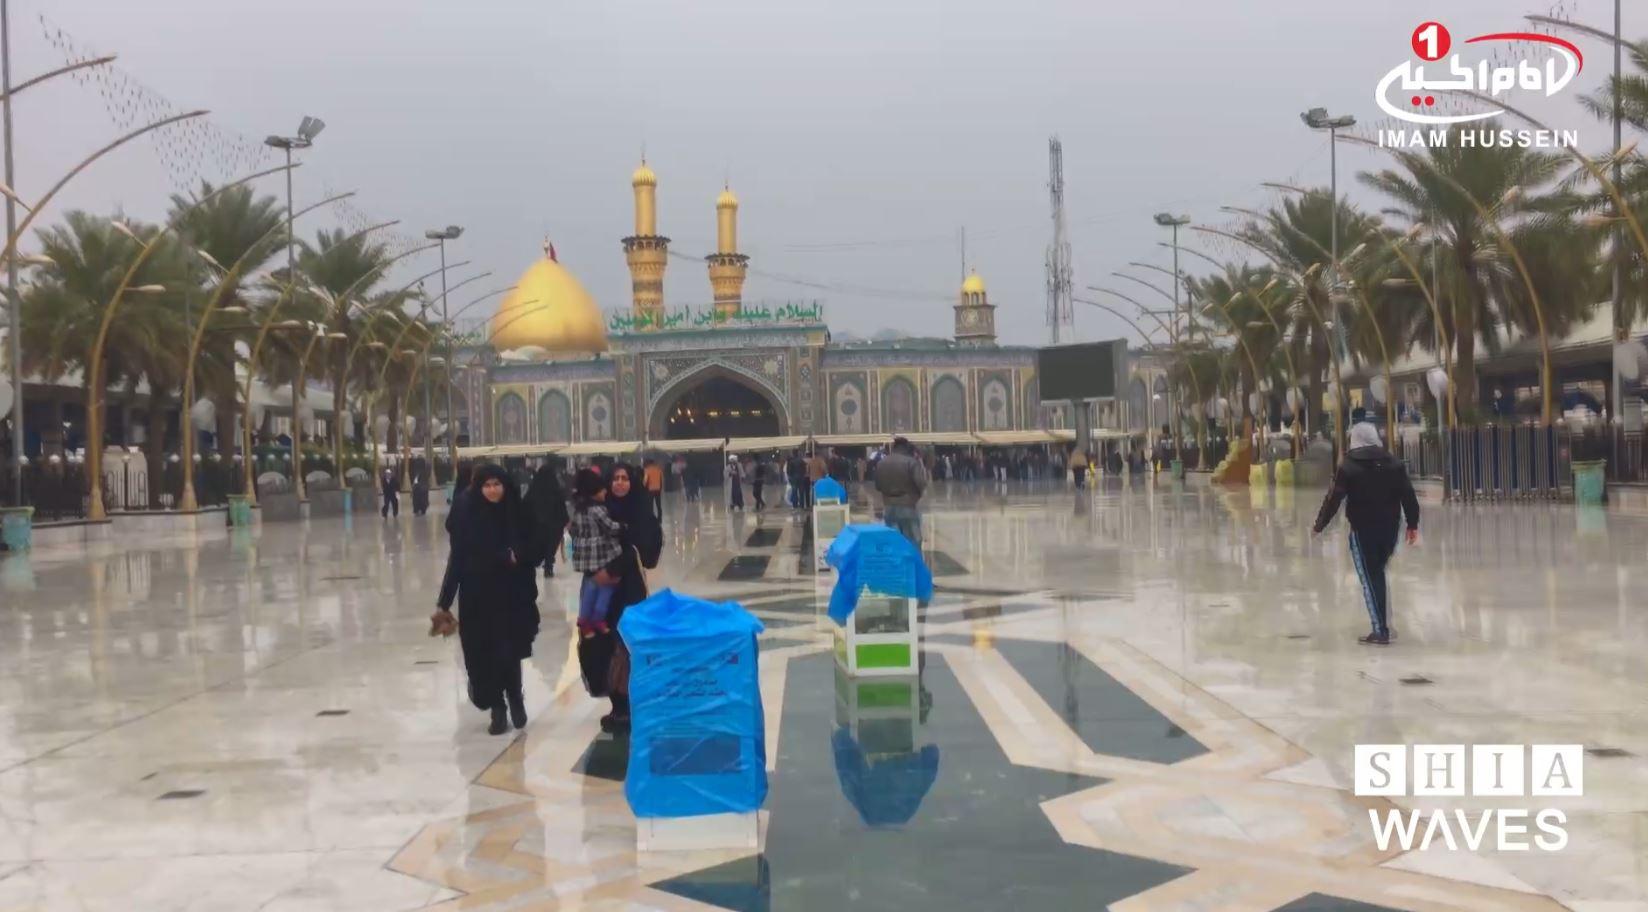 تصویر بارش باران شهر مقدس كربلا – بین الحرمین شريف  شنبه ٤ دى ماه ١٣٩٥